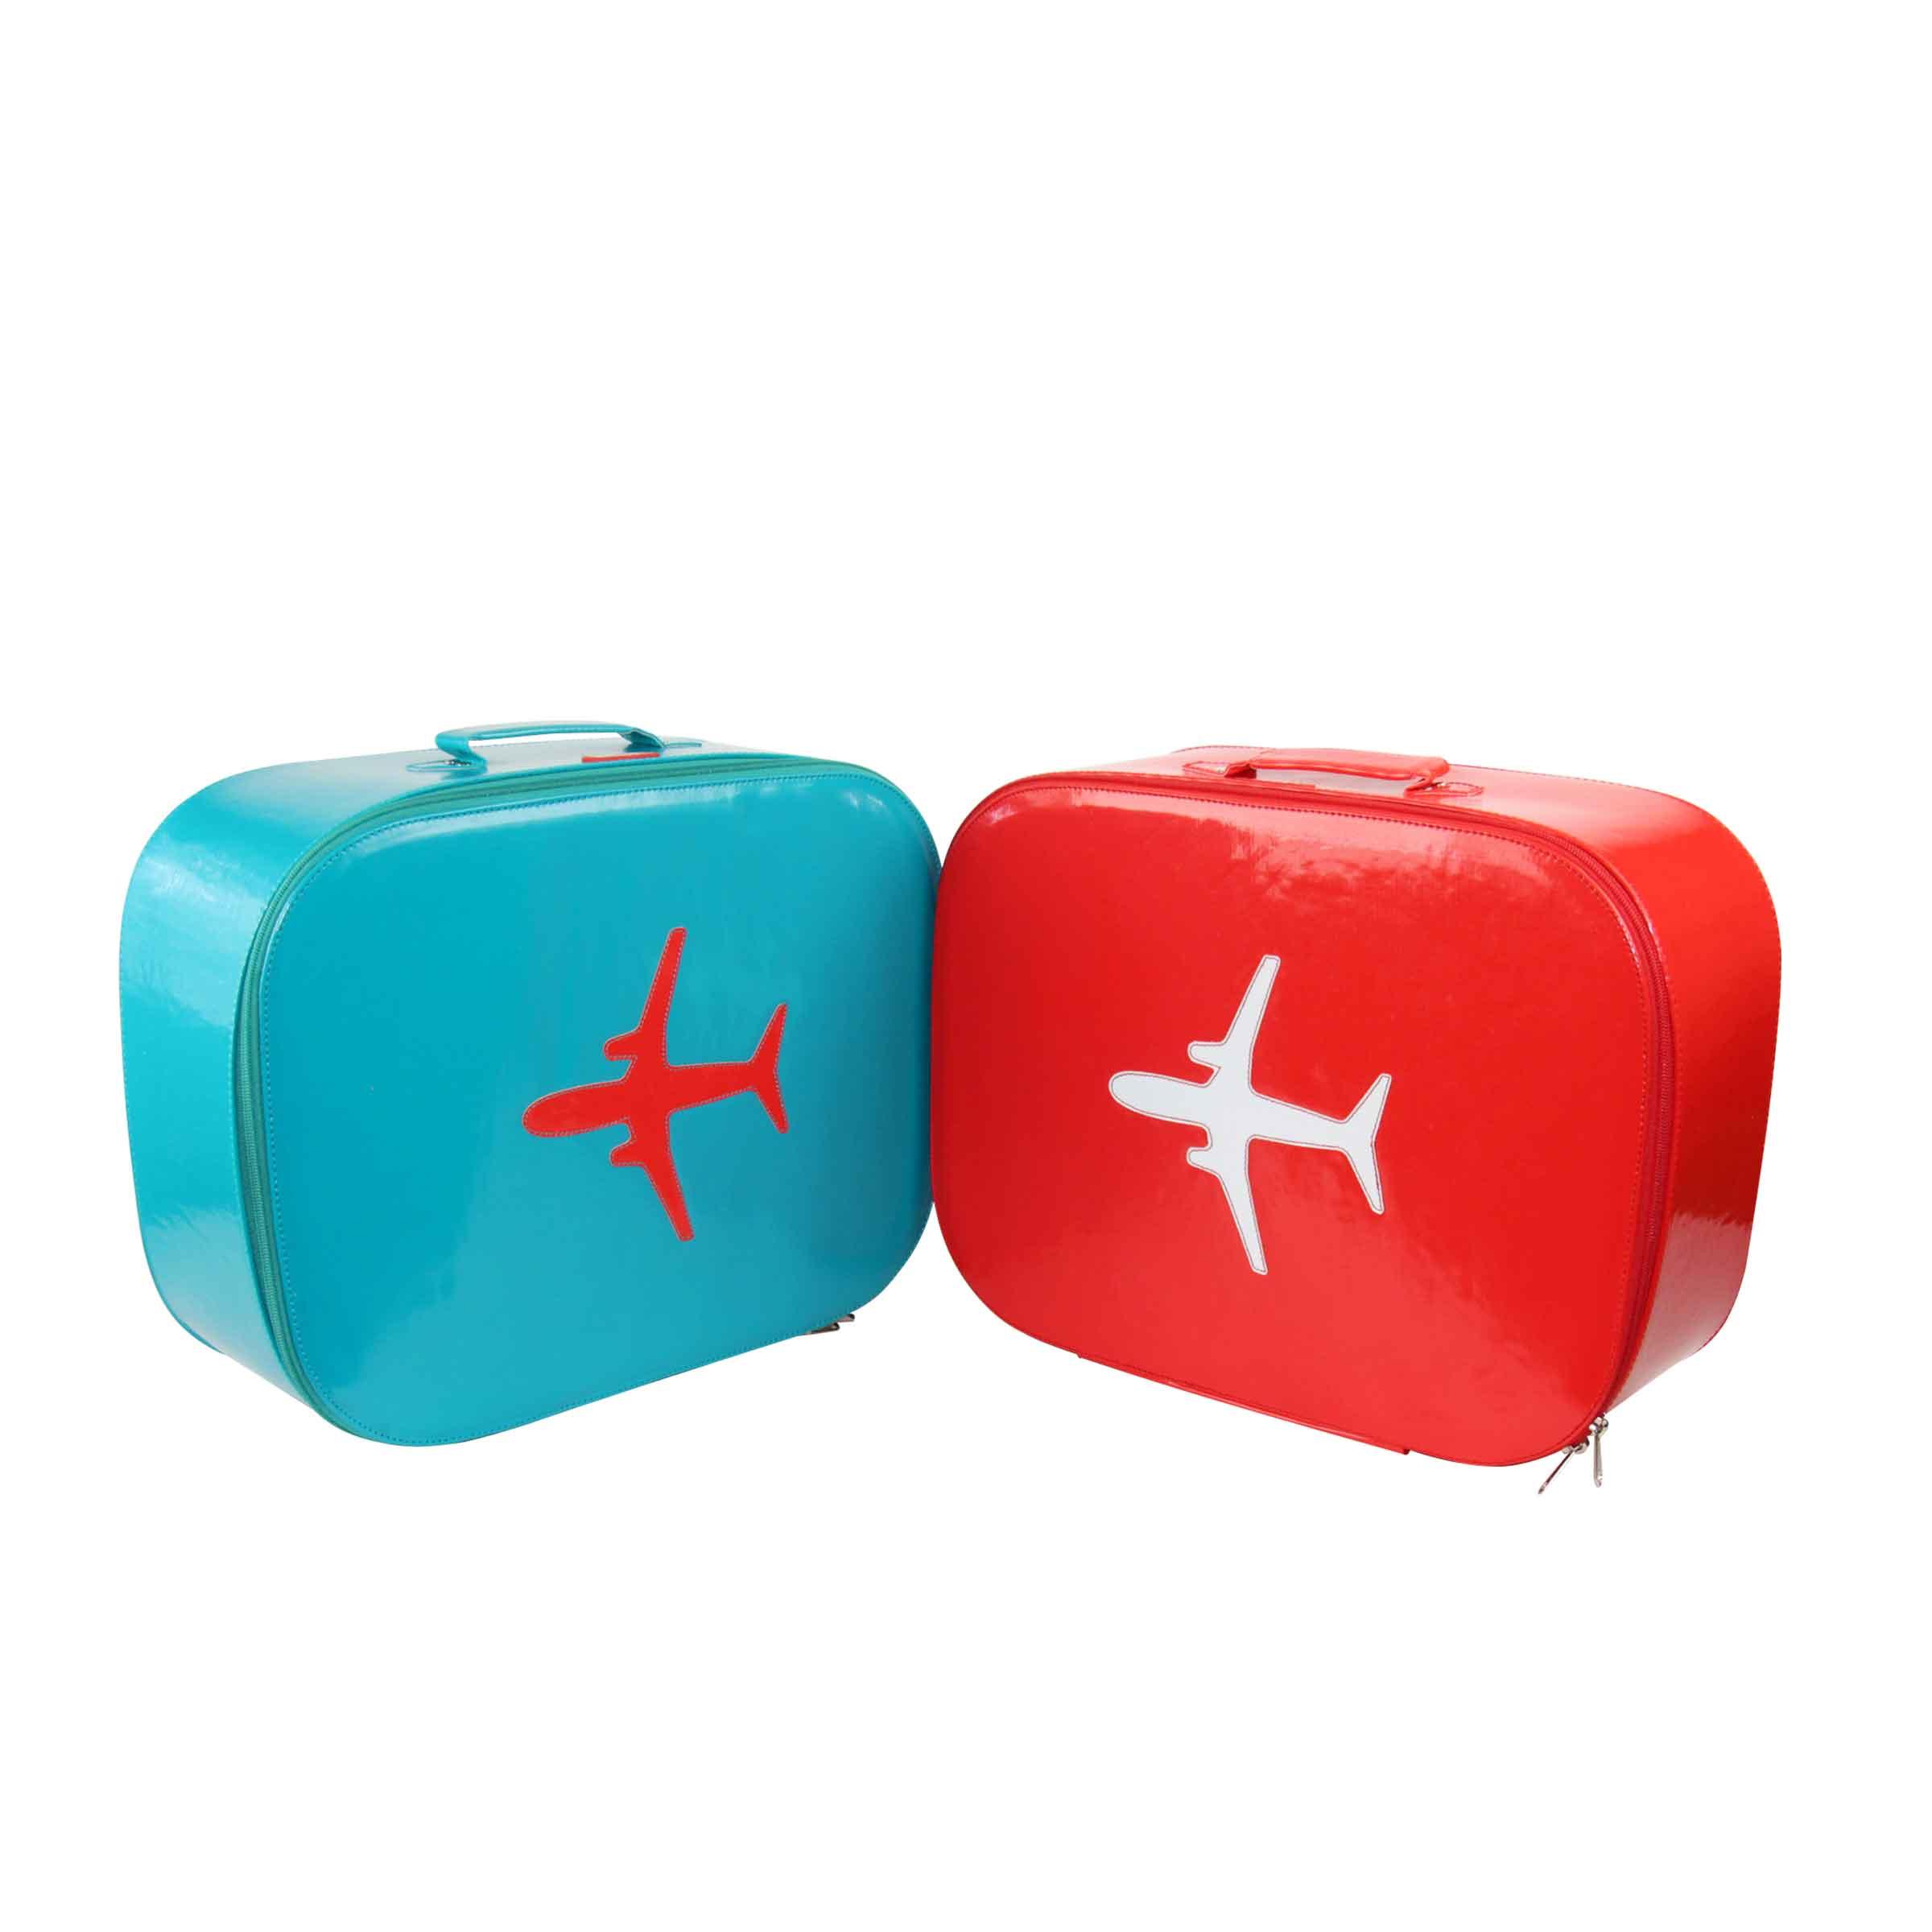 Valise pour enfant bleu vert avec une poignée et un motif avion placé rouge orangé taille M